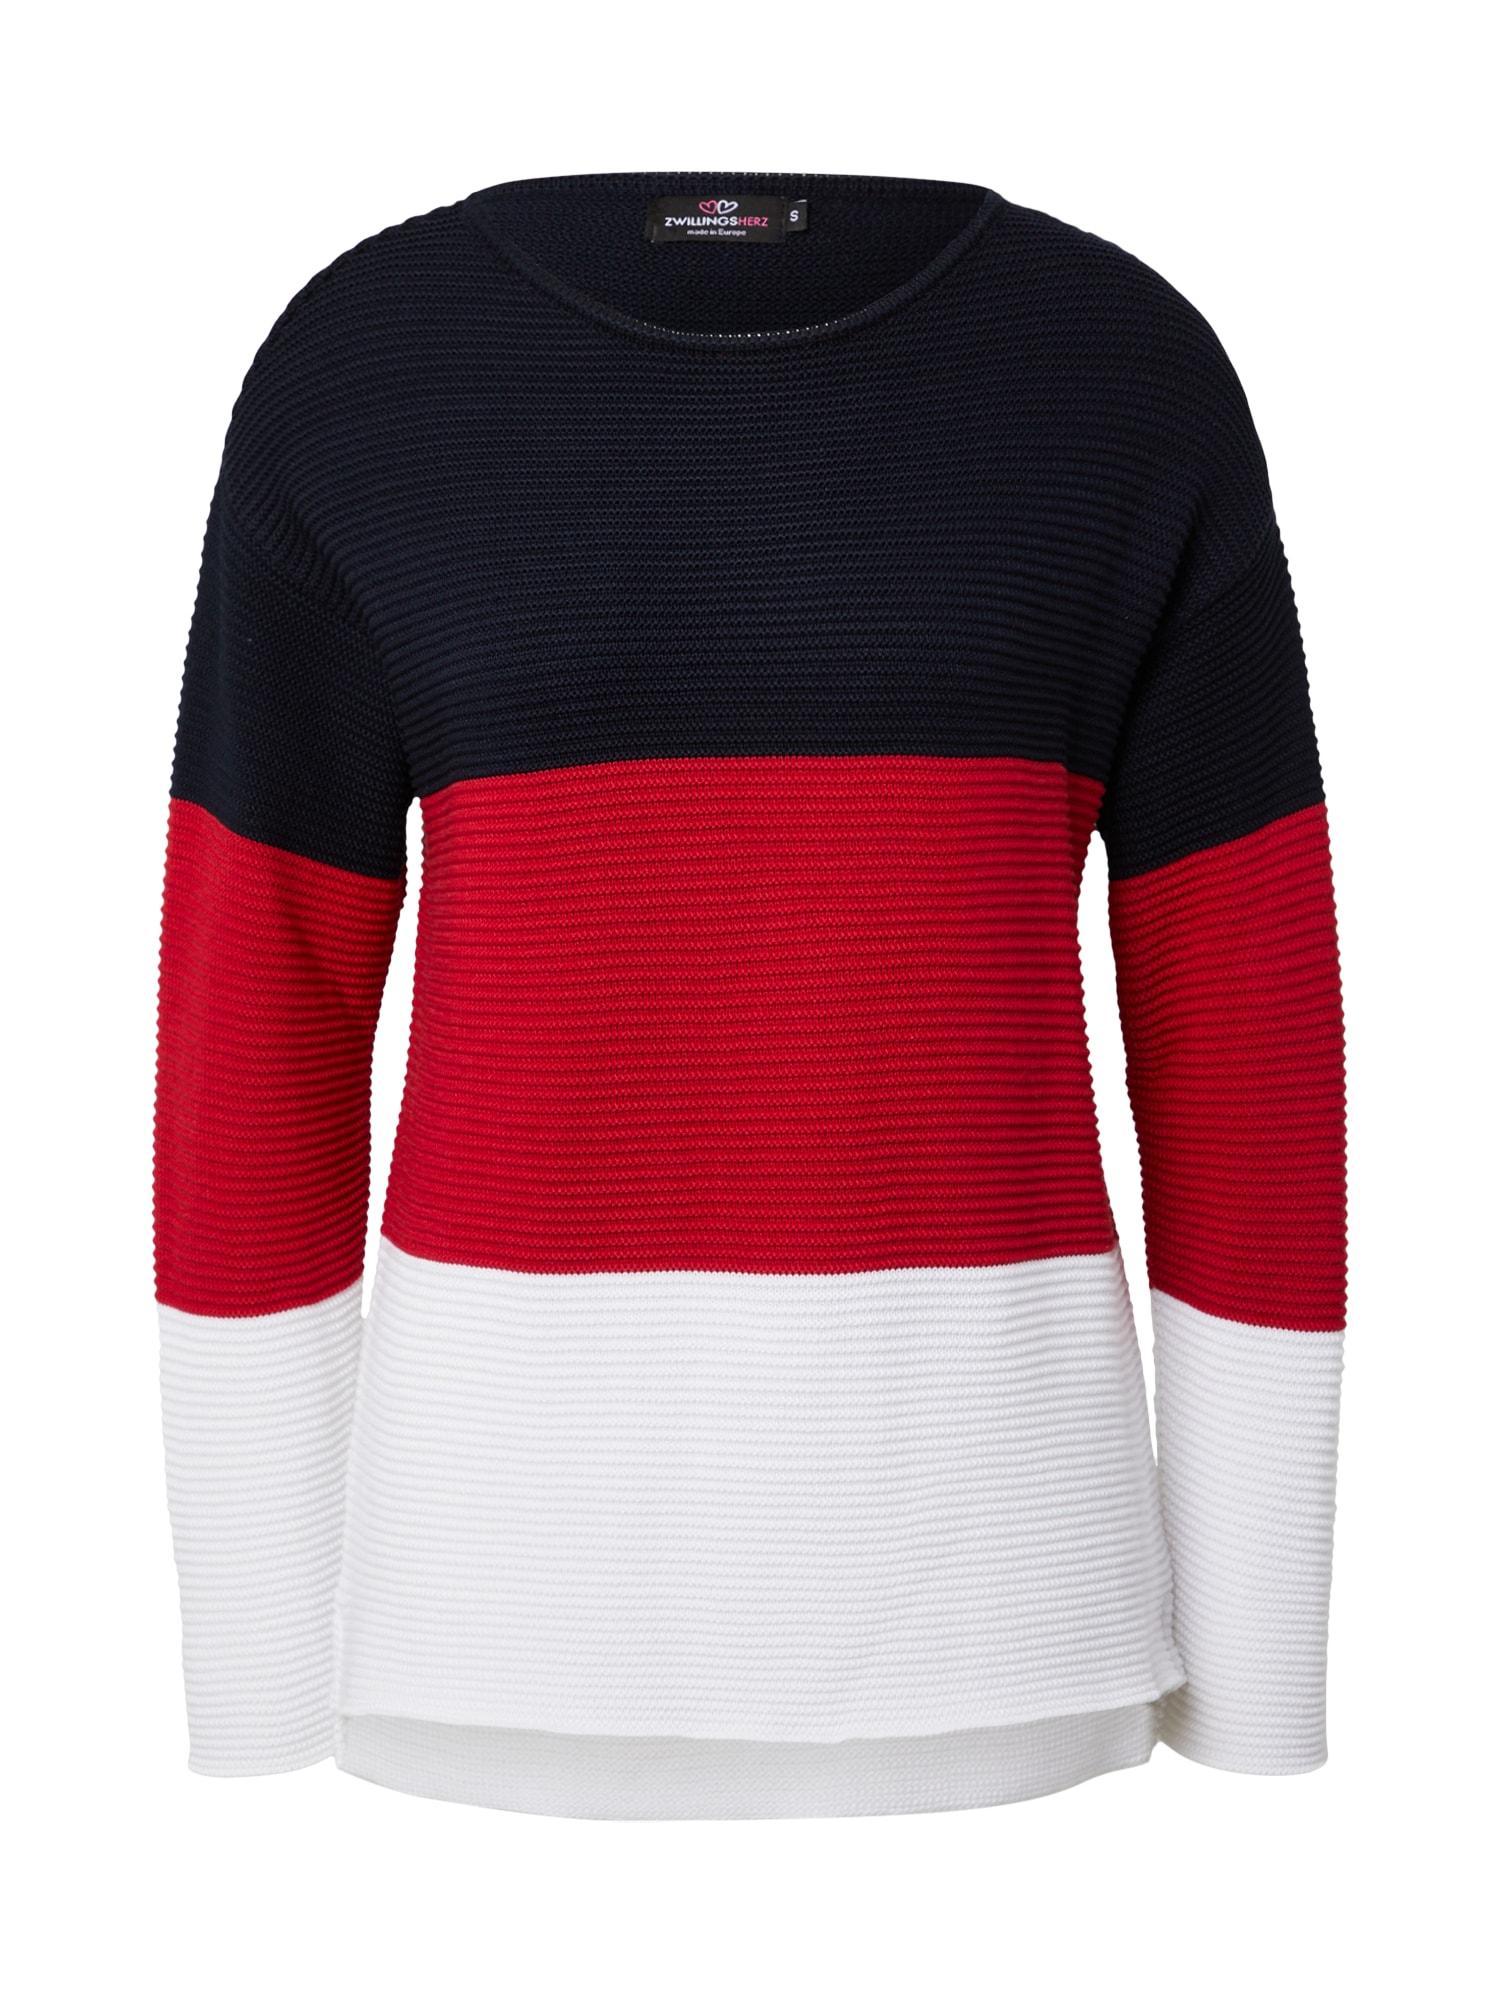 Zwillingsherz Megztinis balta / nakties mėlyna / raudona